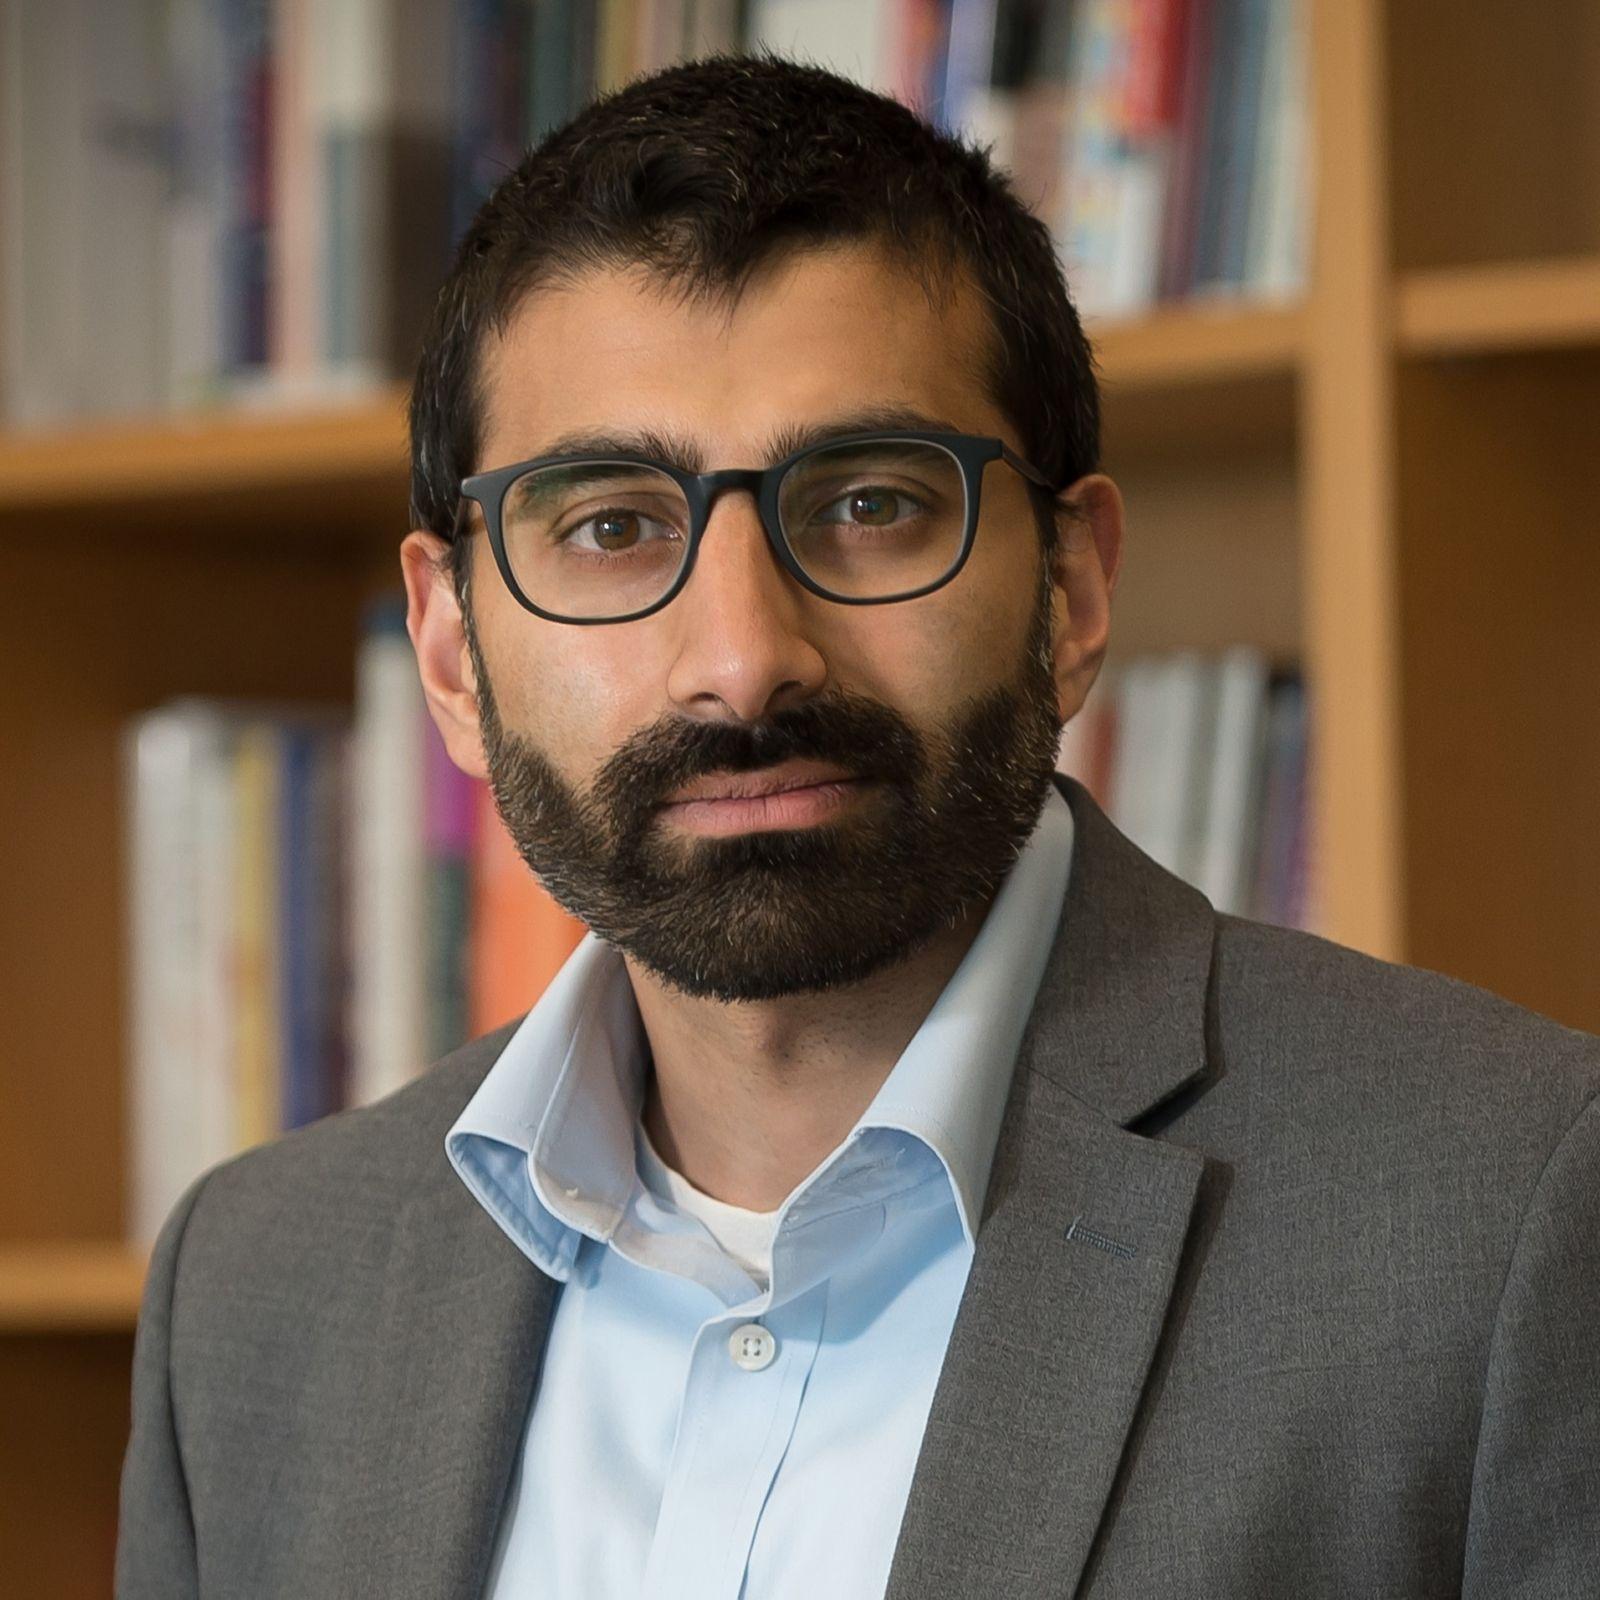 Portrait of Sameer Gadkaree